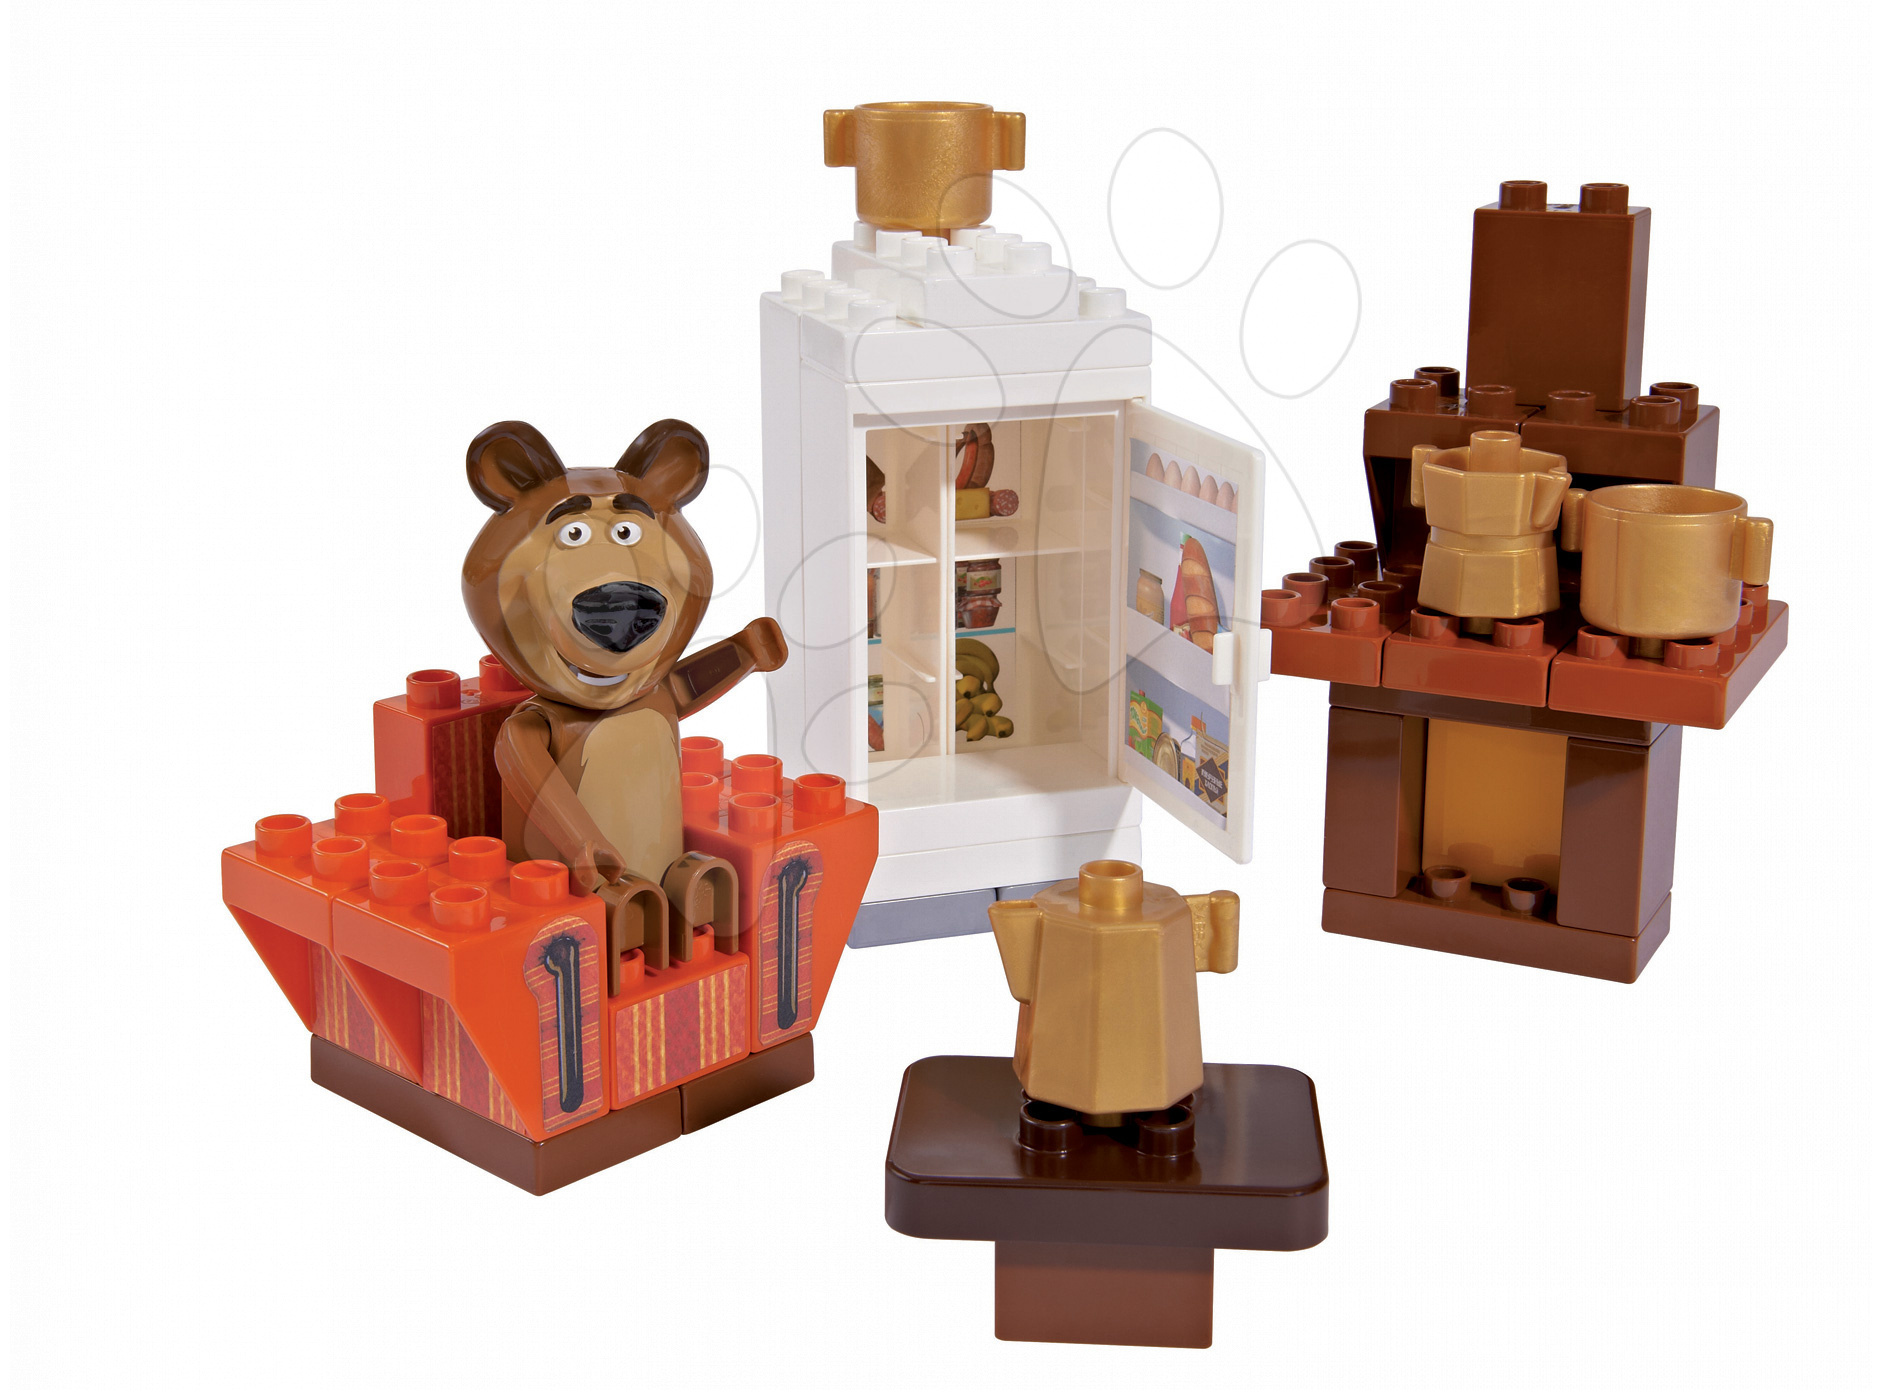 Stavebnice BIG-Bloxx ako lego - Stavebnica Máša a medveď v izbe PlayBIG Bloxx BIG s 1 figúrkou 35 dielov od 1,5-5 rokov